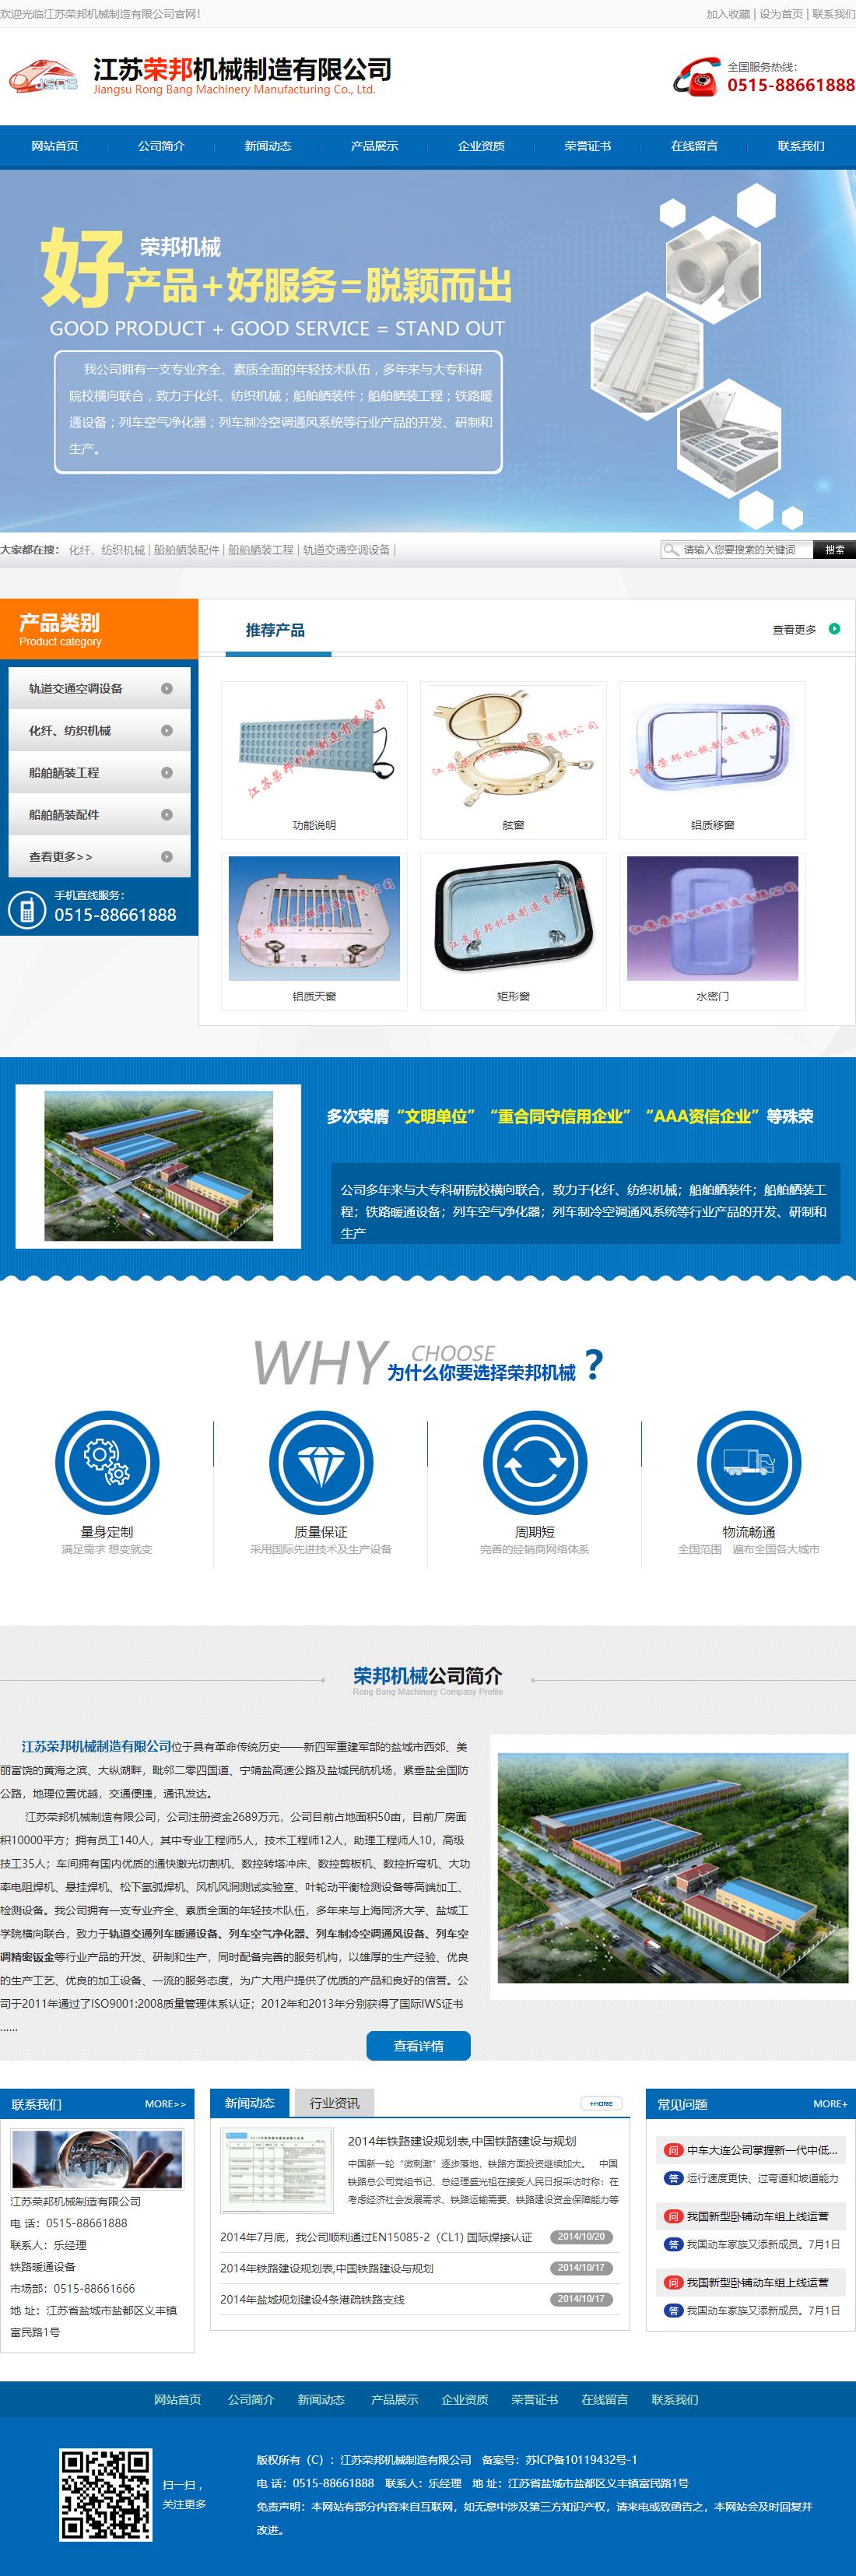 江苏荣邦机械制造有限公司网站案例